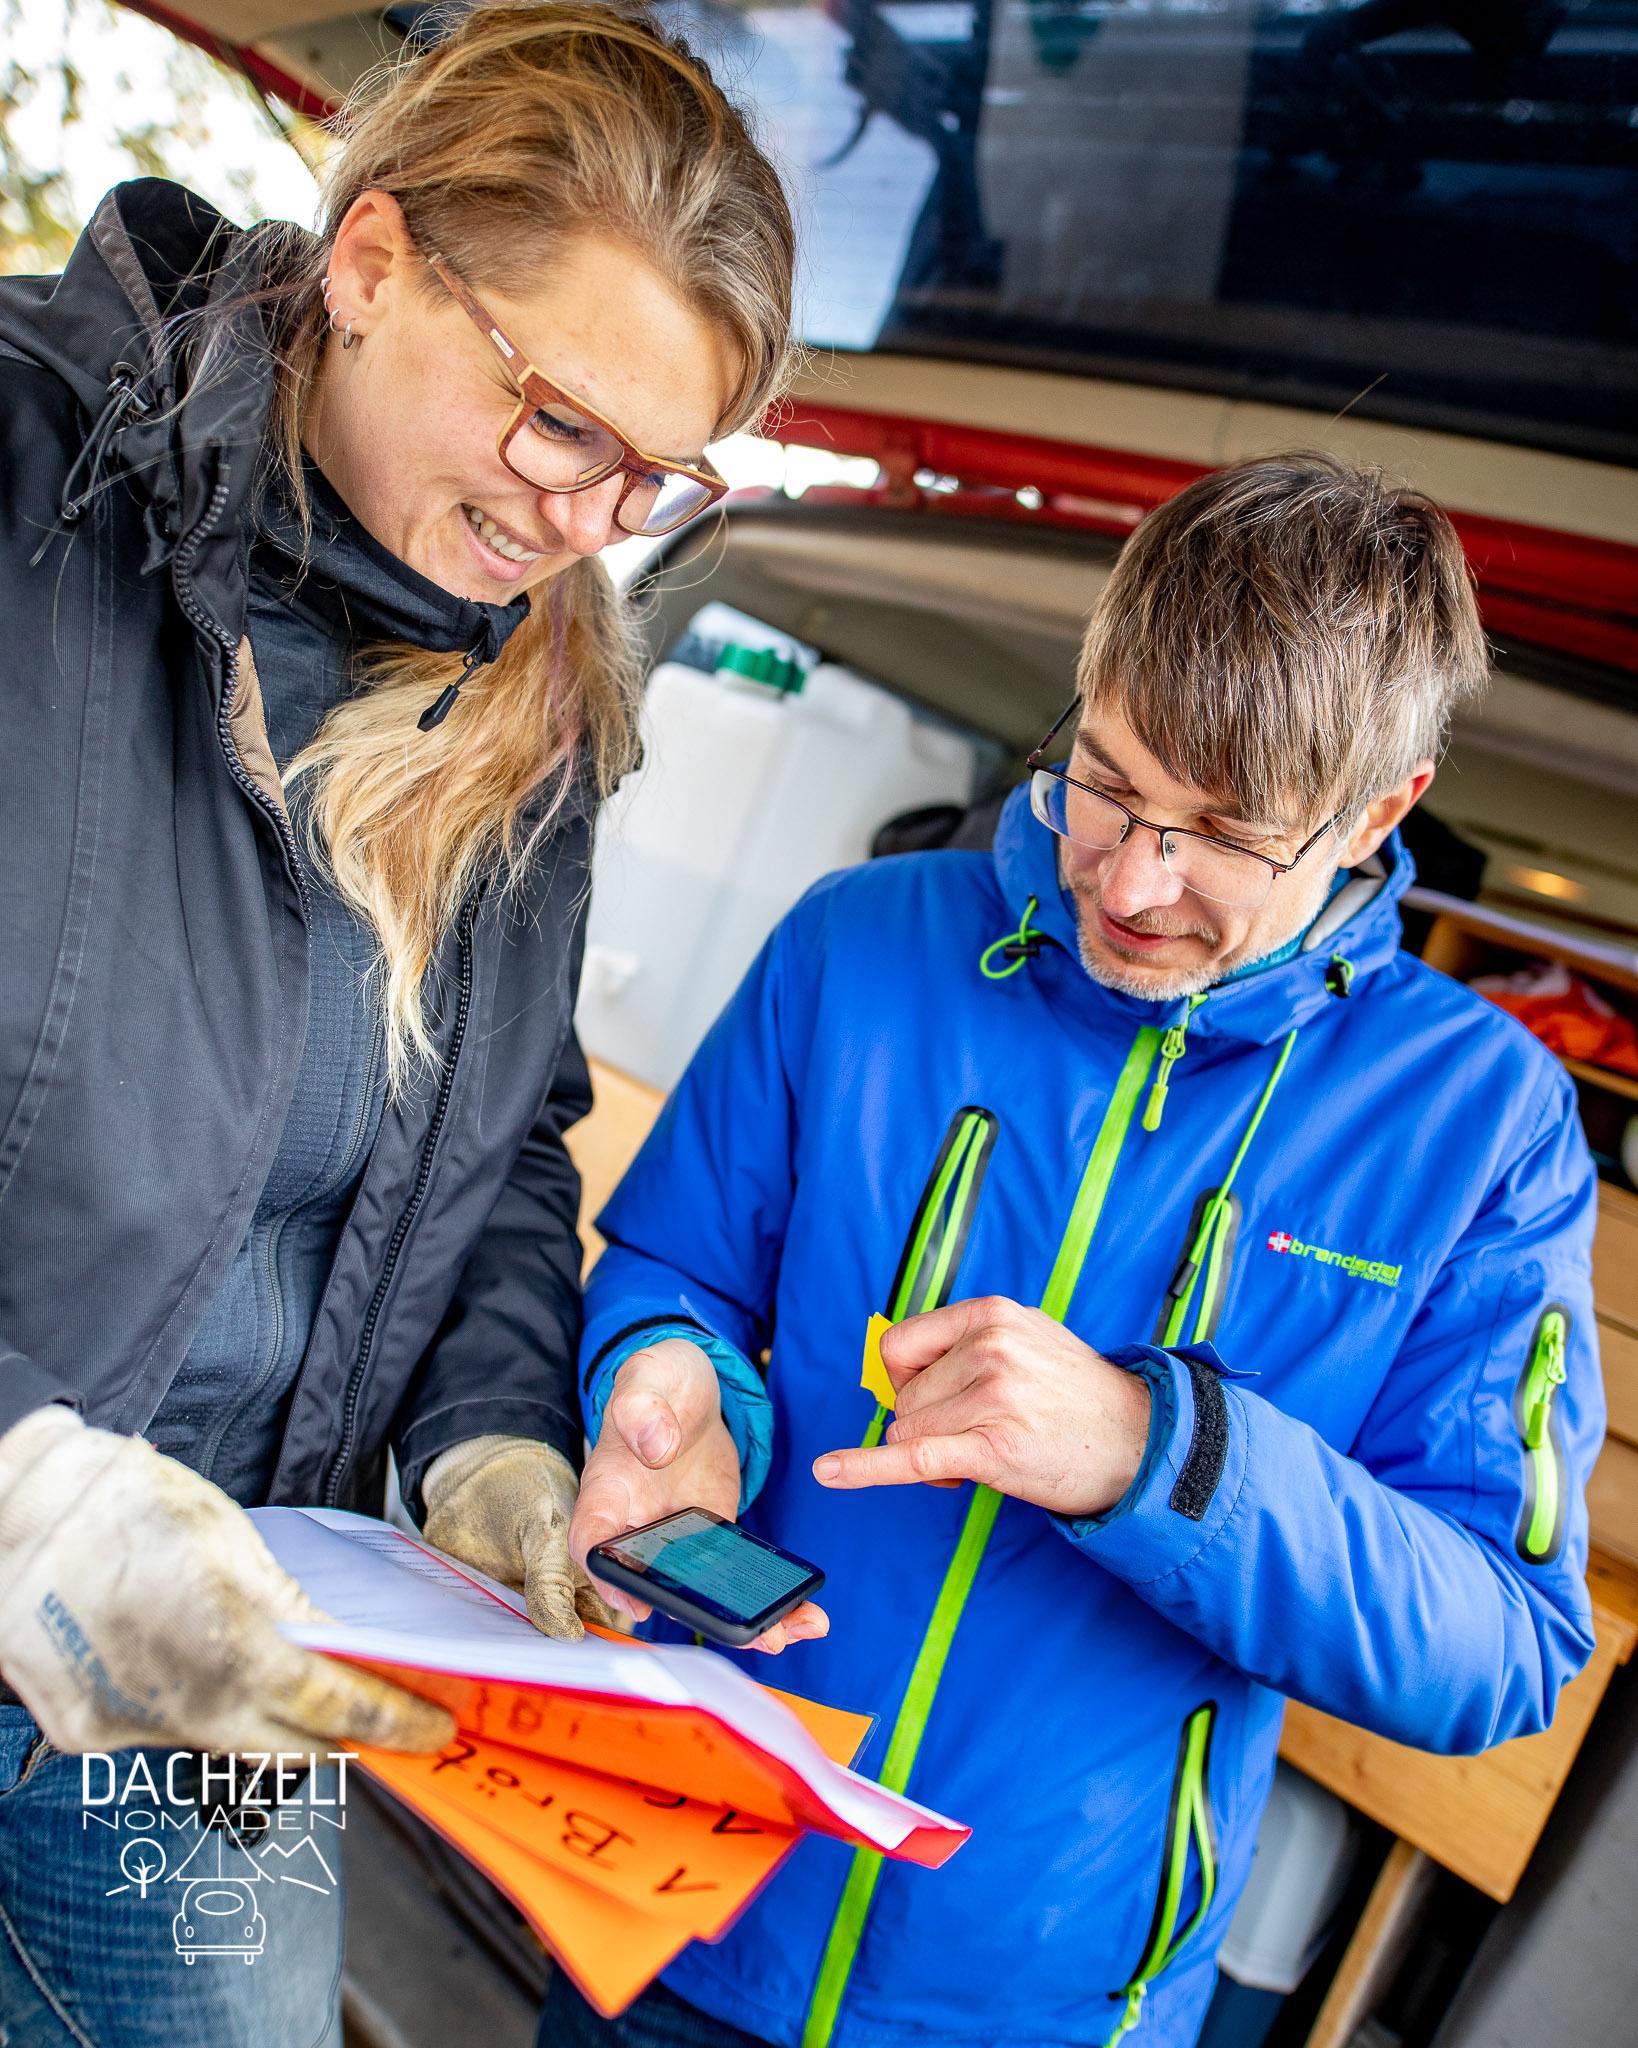 20191101-Dachzelt-Meetup-Bremen-Dennis-Brandt DB 0018-2